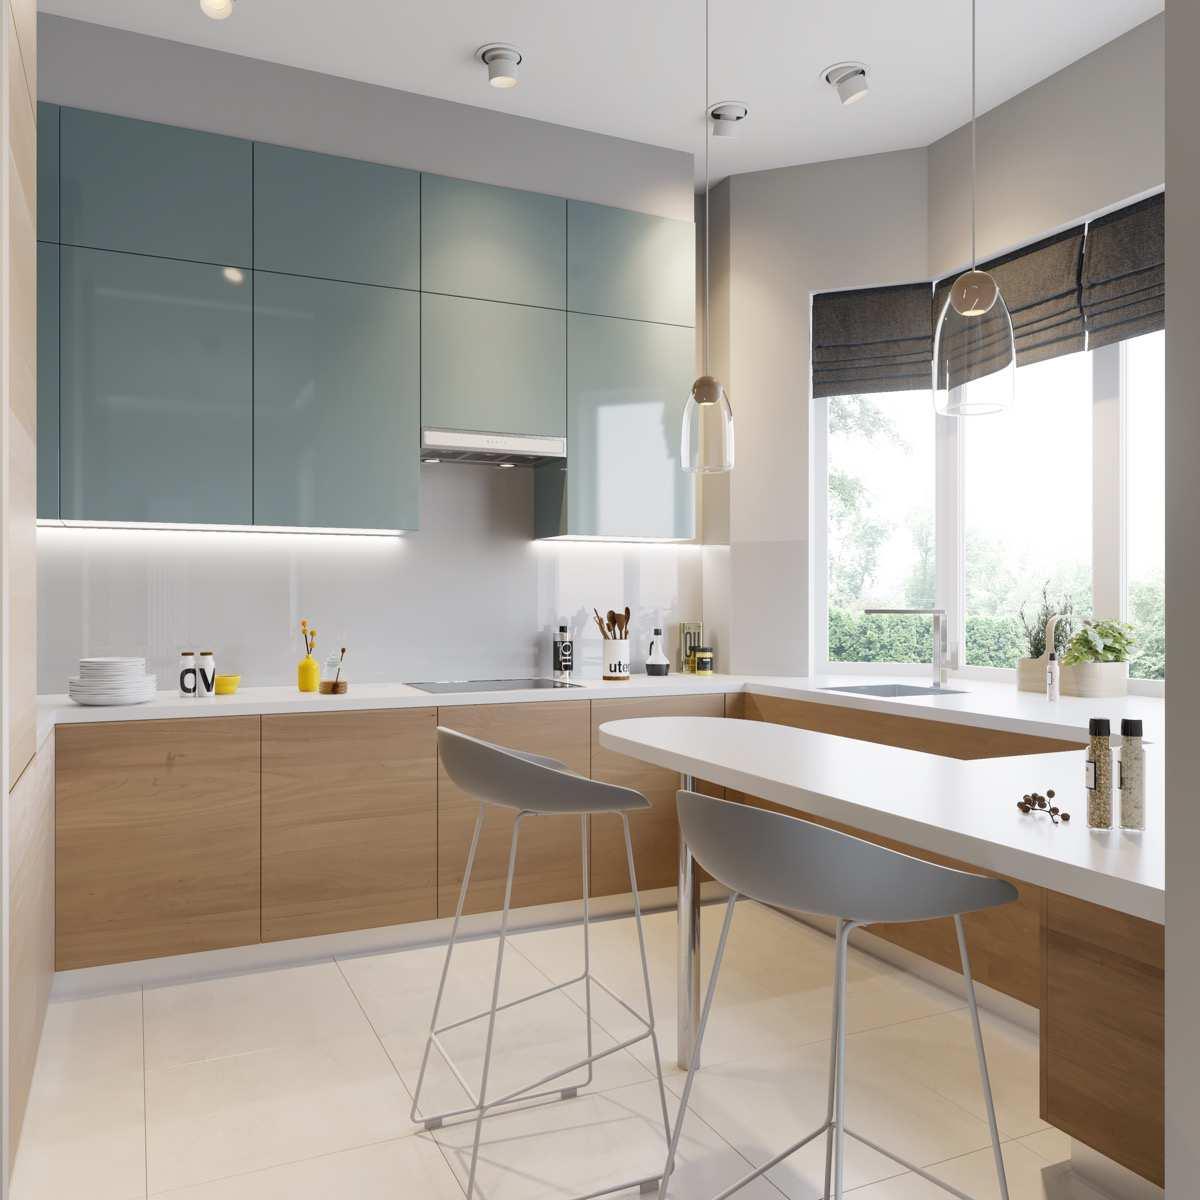 طراحی 30 نمونه آشپزخانه به رنگ آبی - Blue Kitchens 14